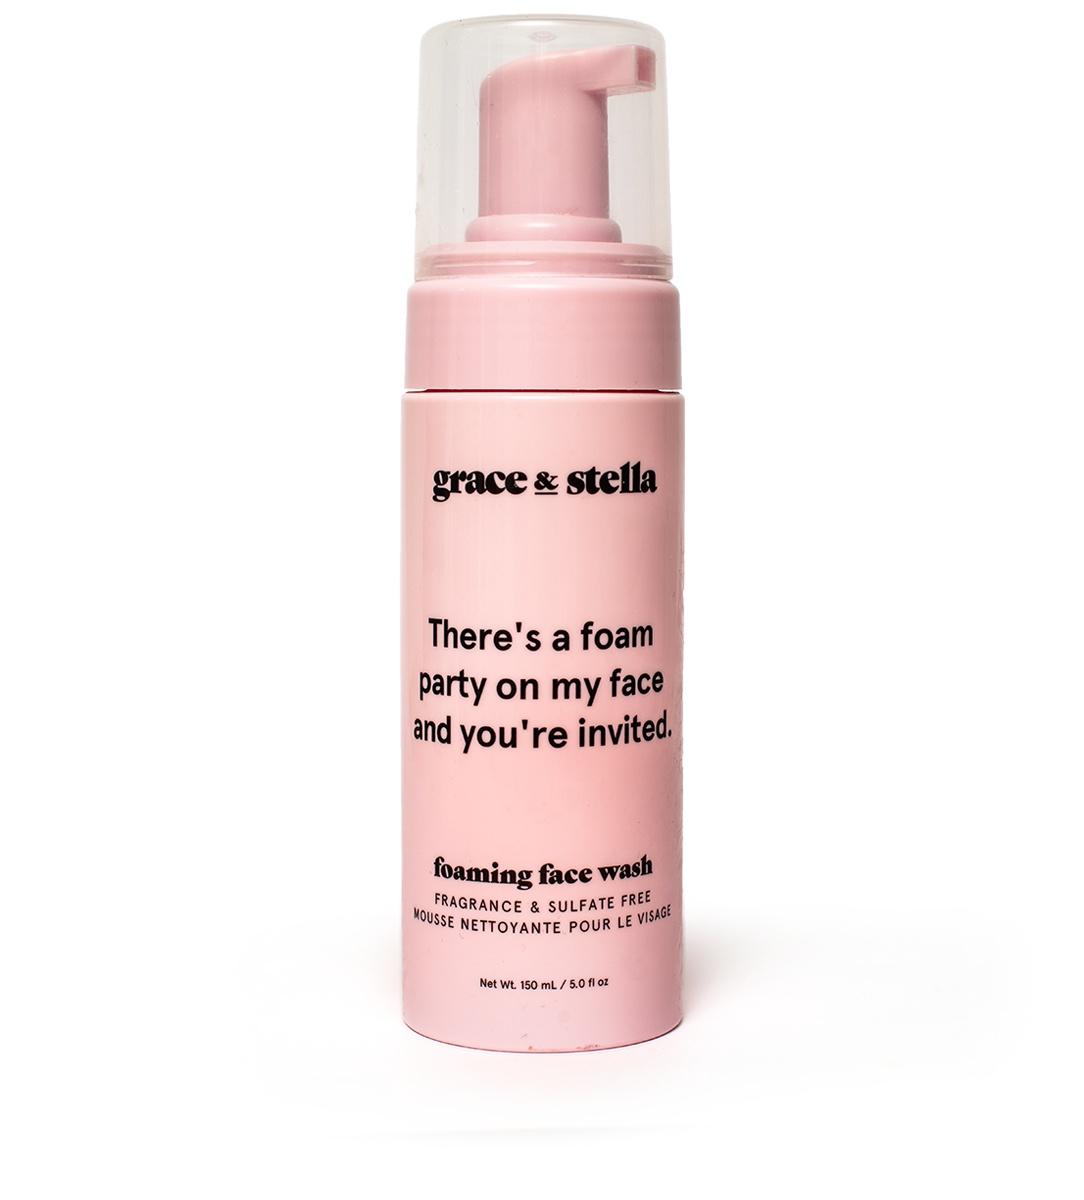 grace & stella Foaming Face Wash